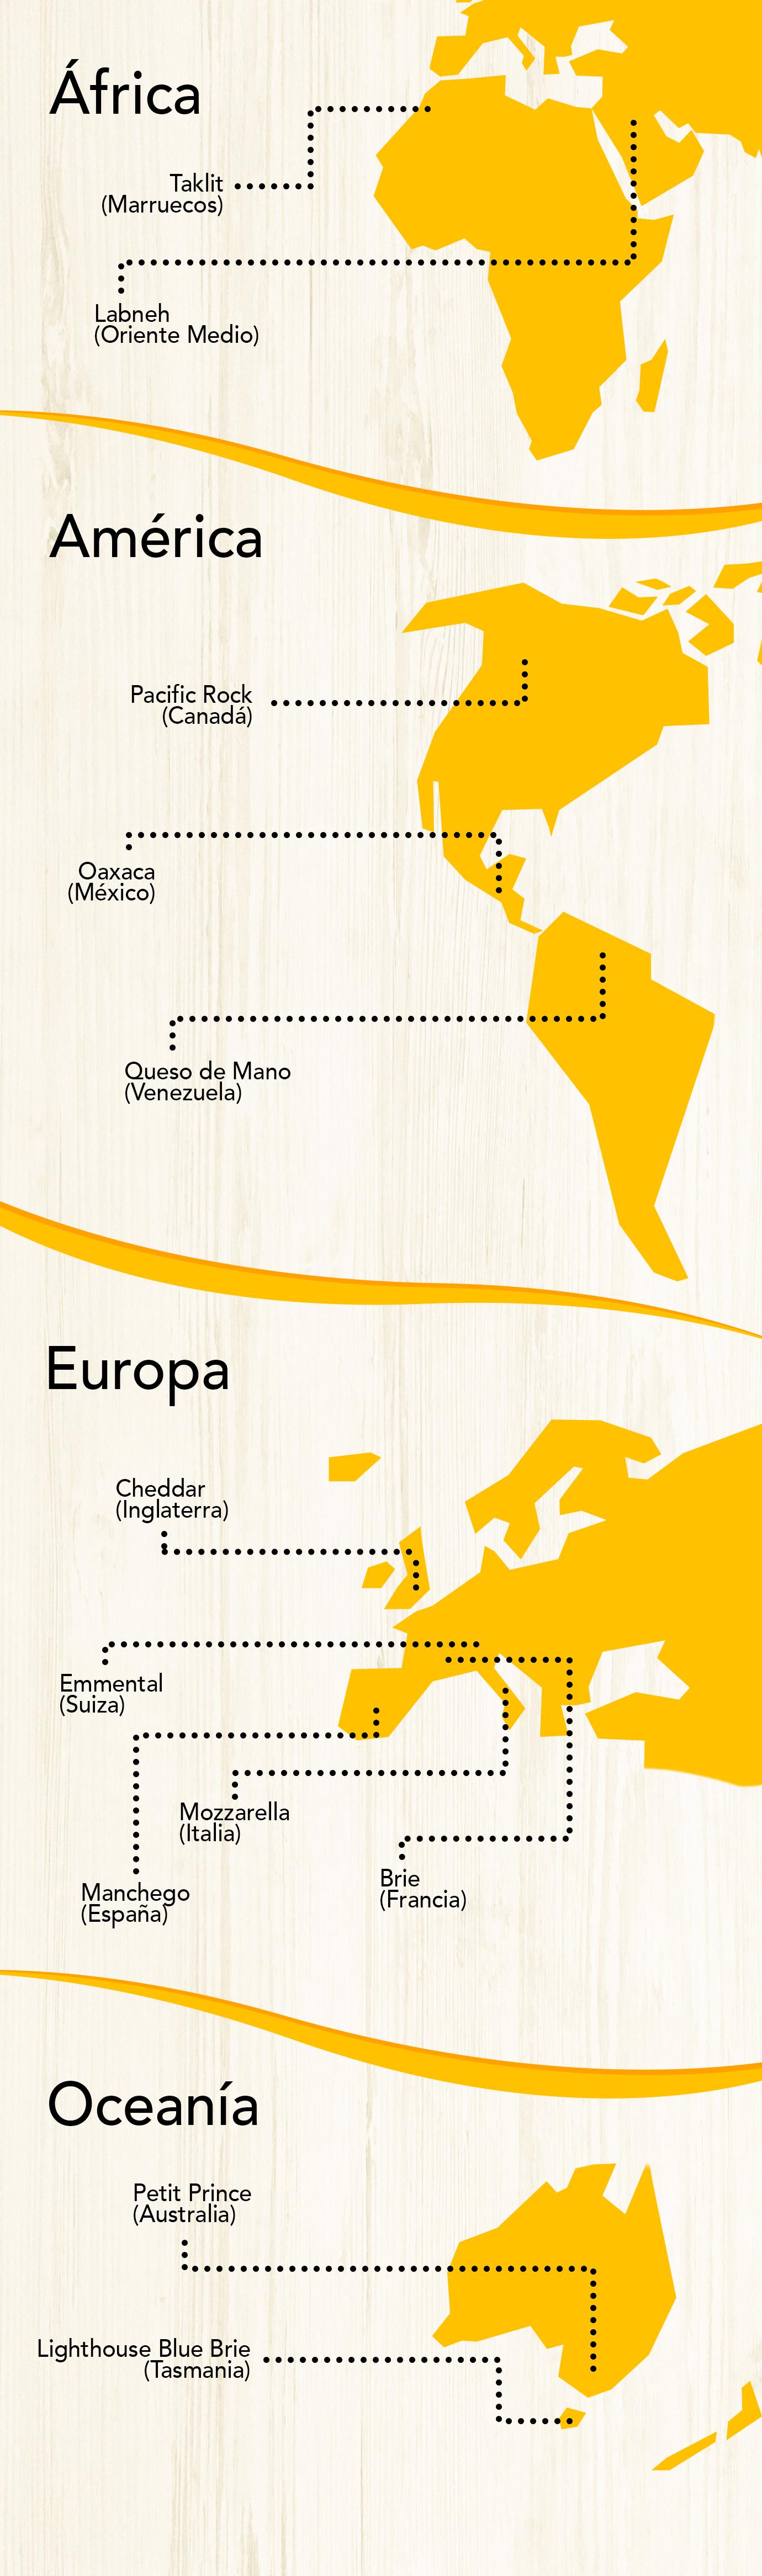 Mapa del mundo en el que se señalan diferentes quesos según su lugar de origen